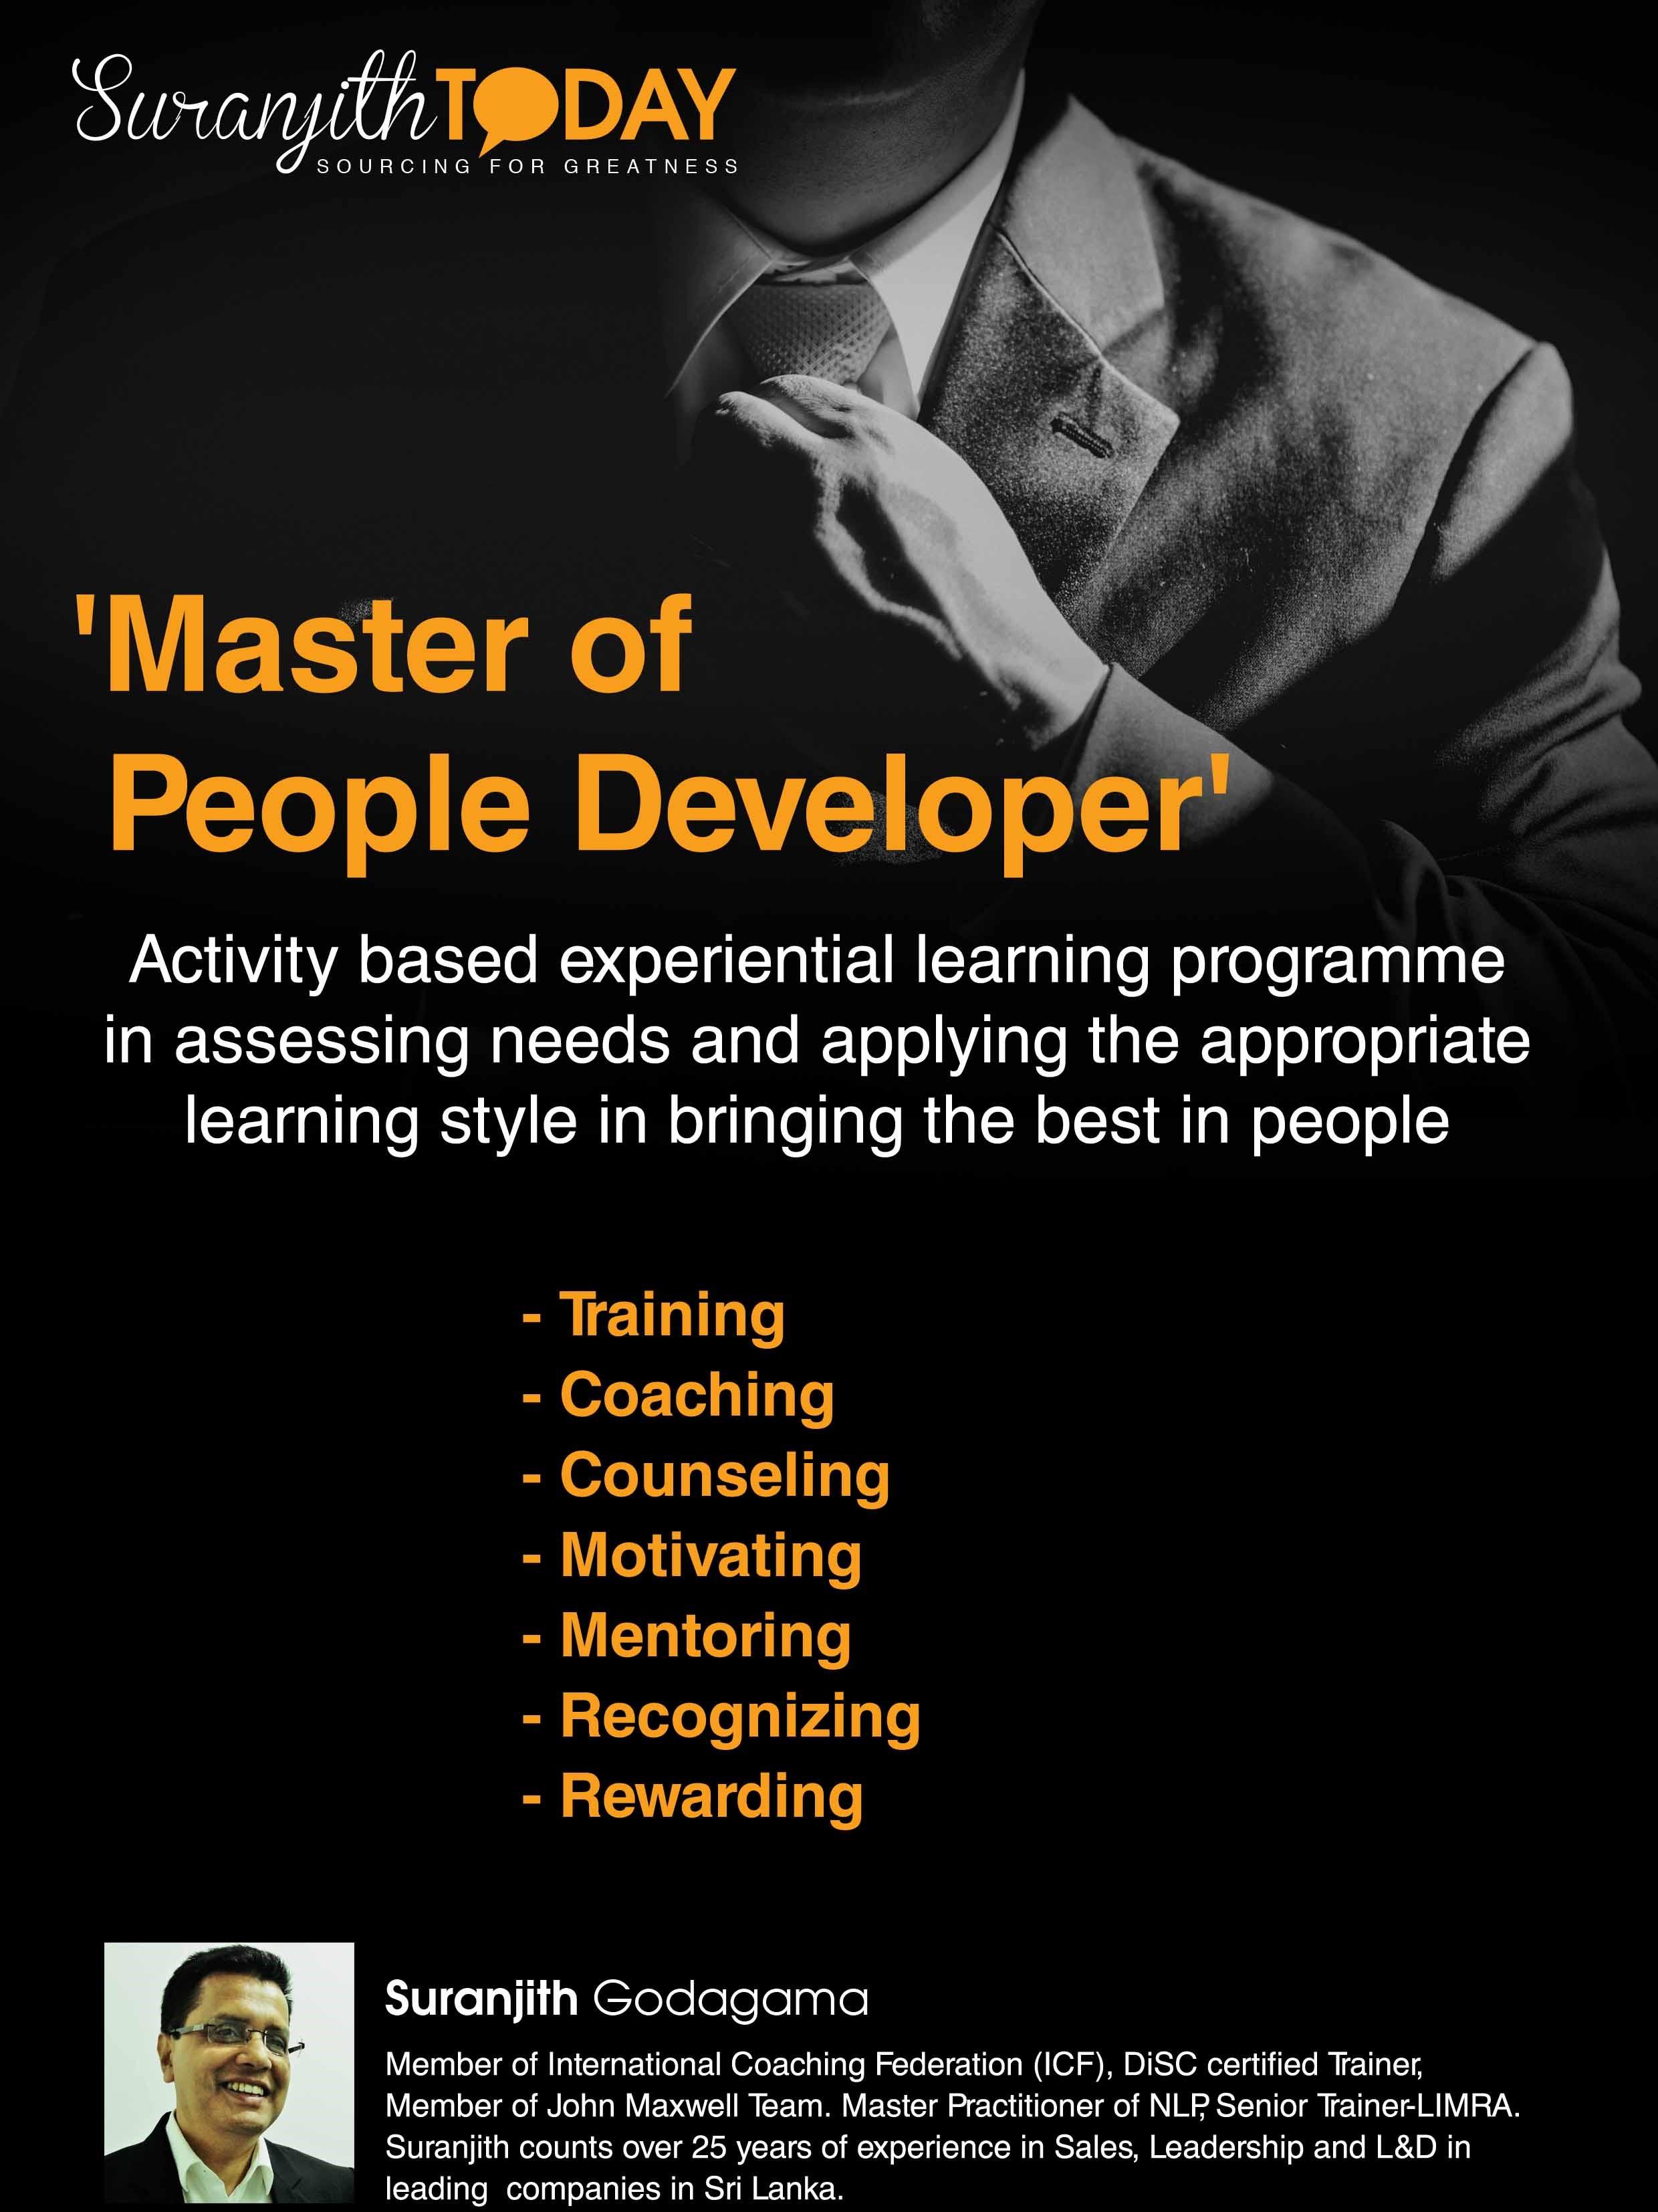 Master of People Developer